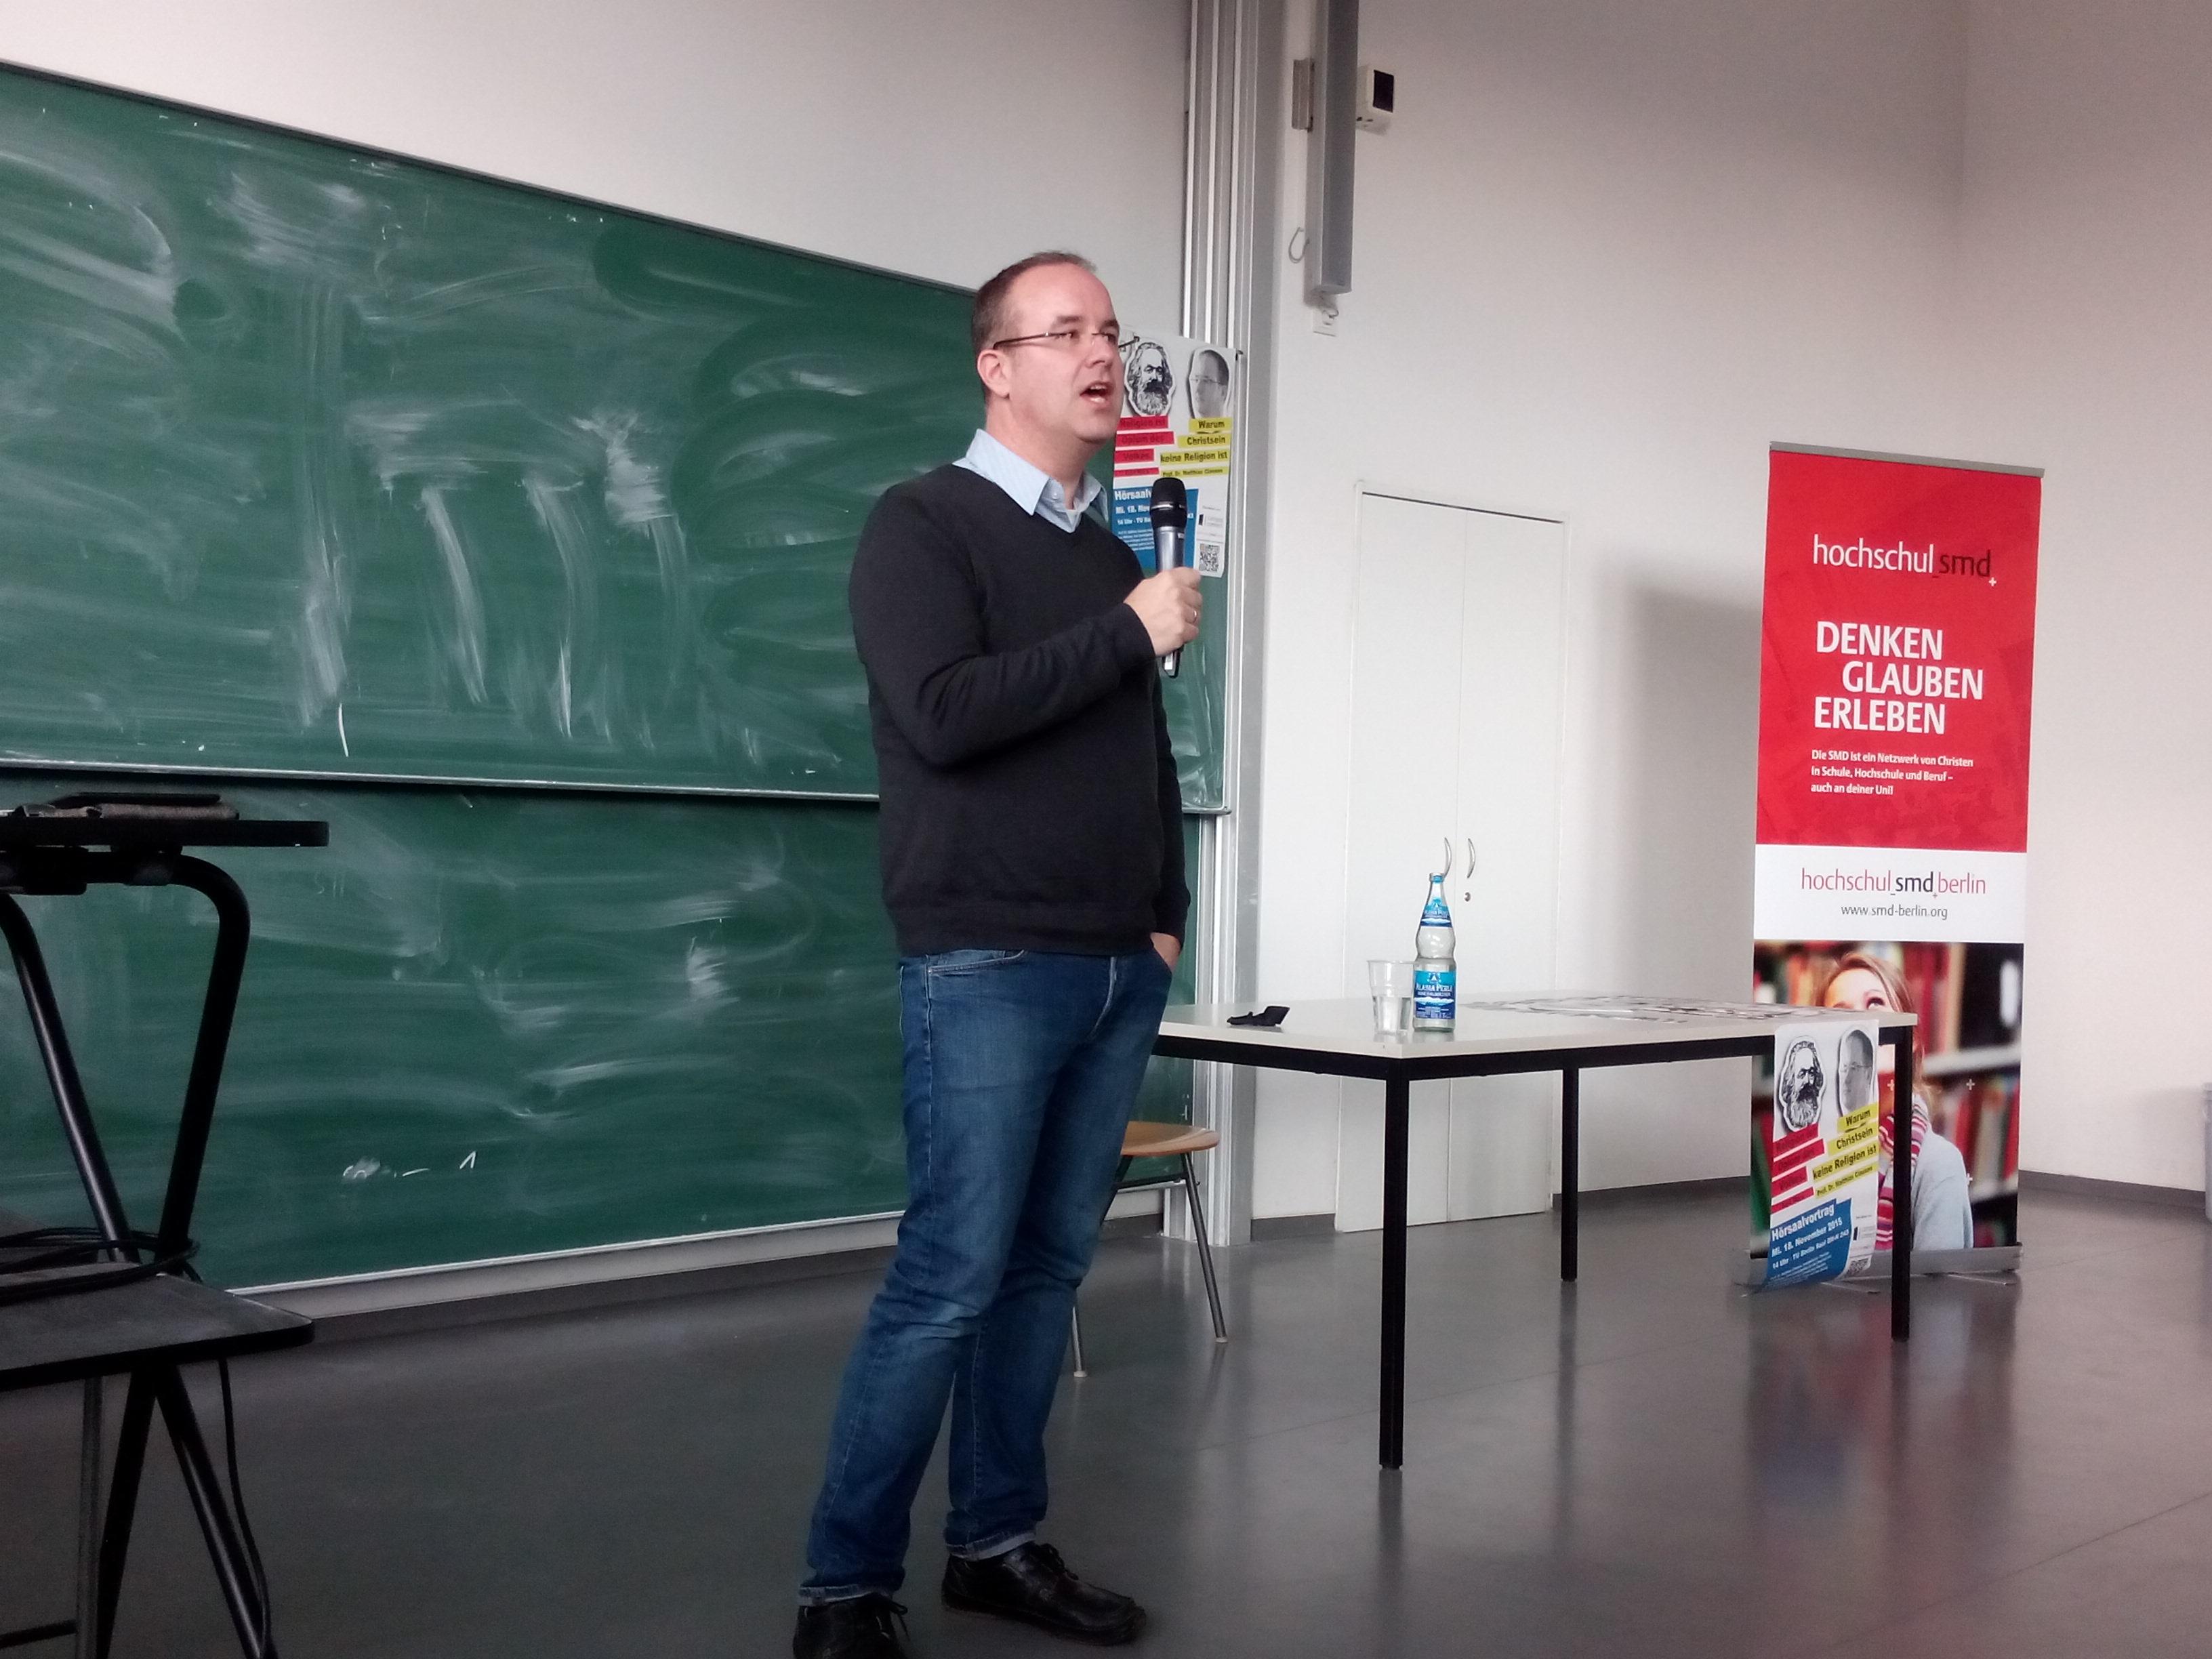 Matthias Clausen